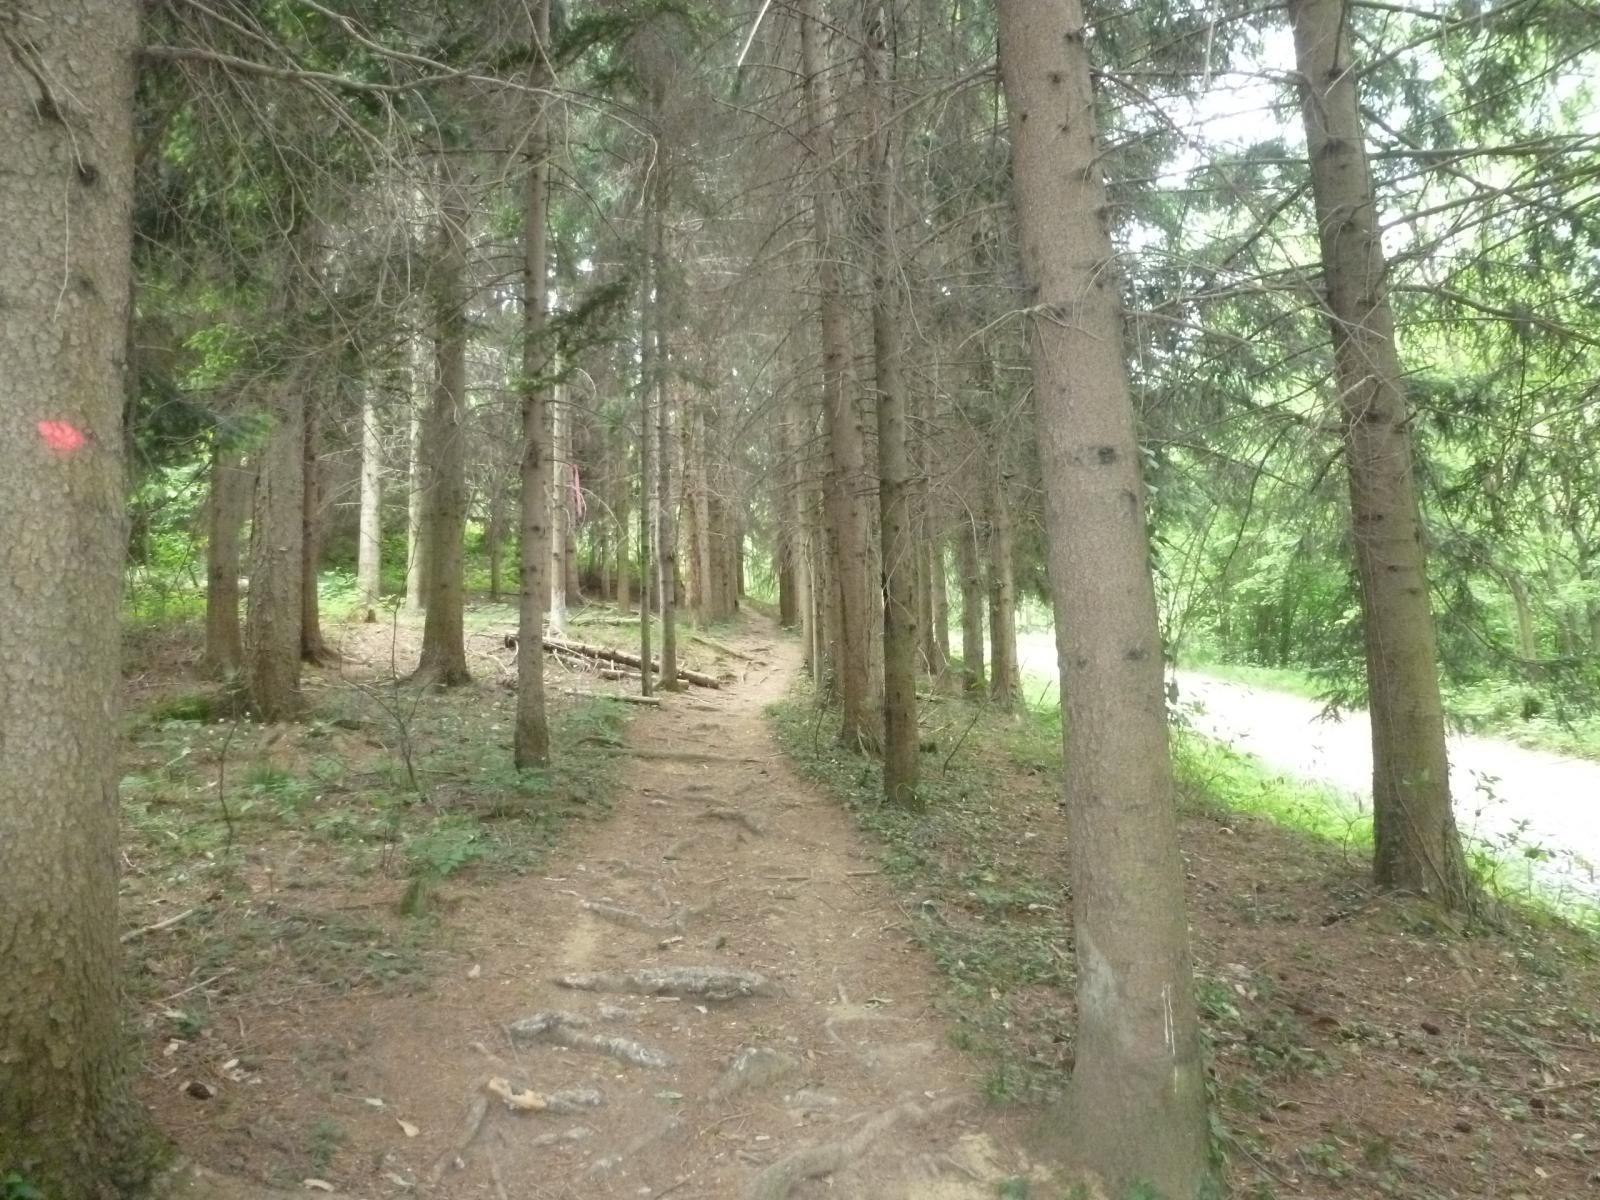 bel tratto di sentiero